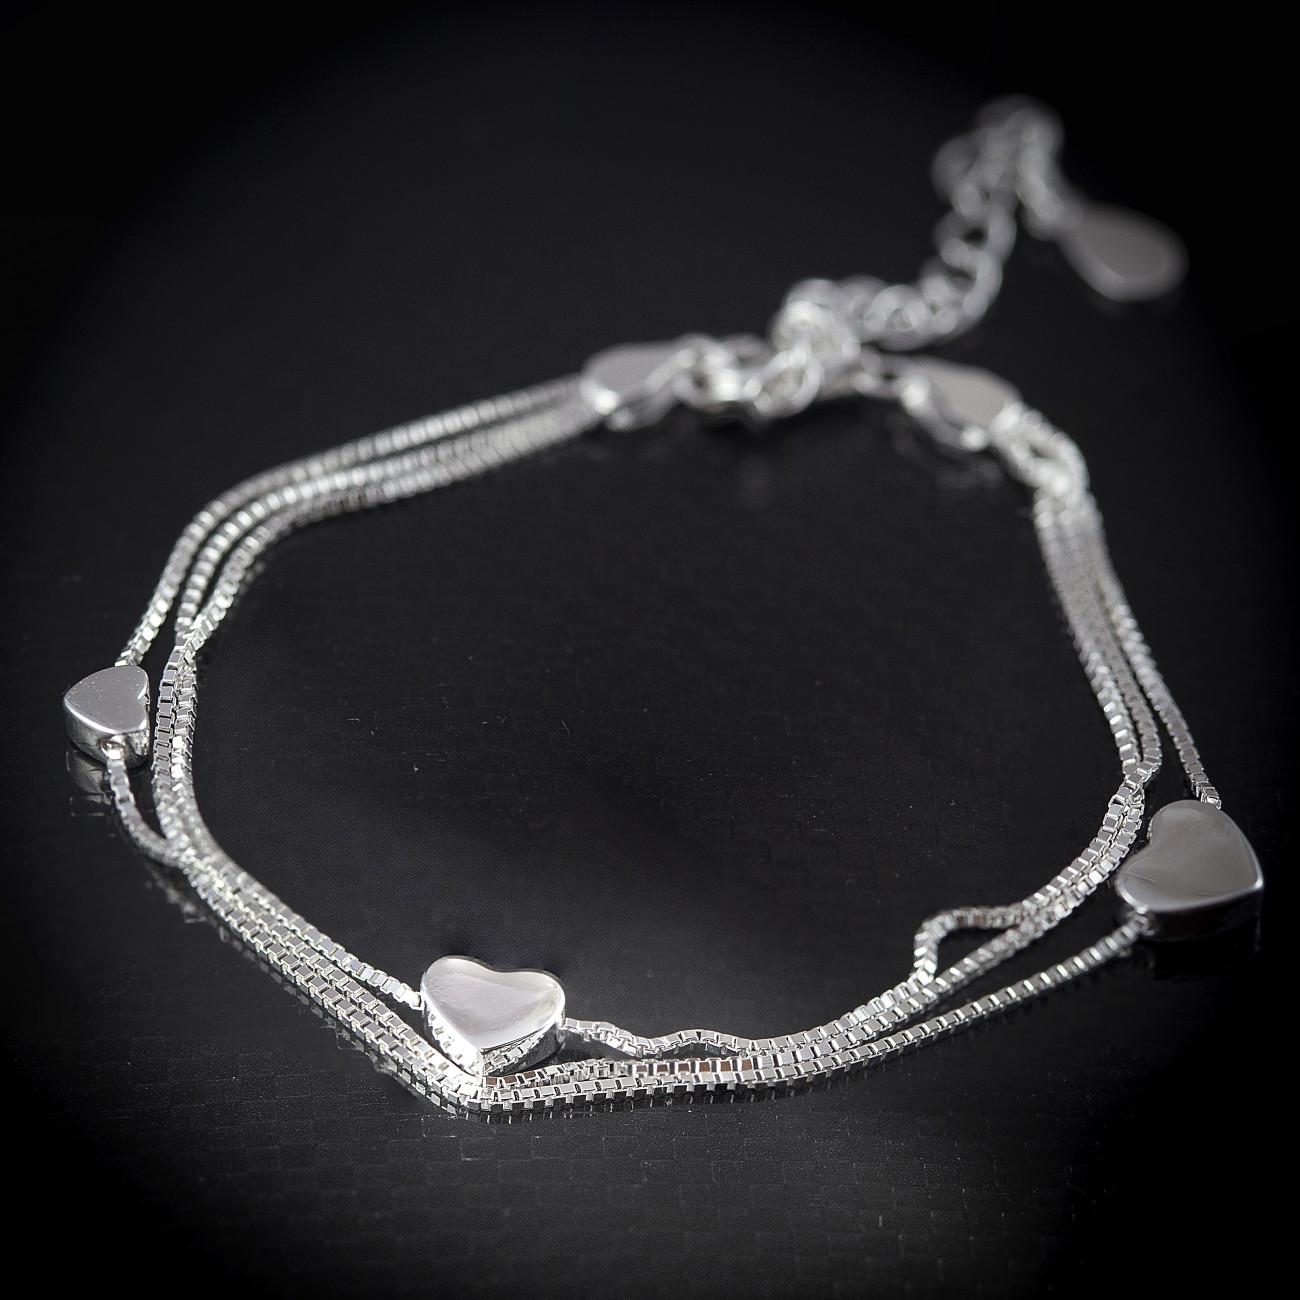 Luxusní, stříbrný náramek srdce Savour triple chain